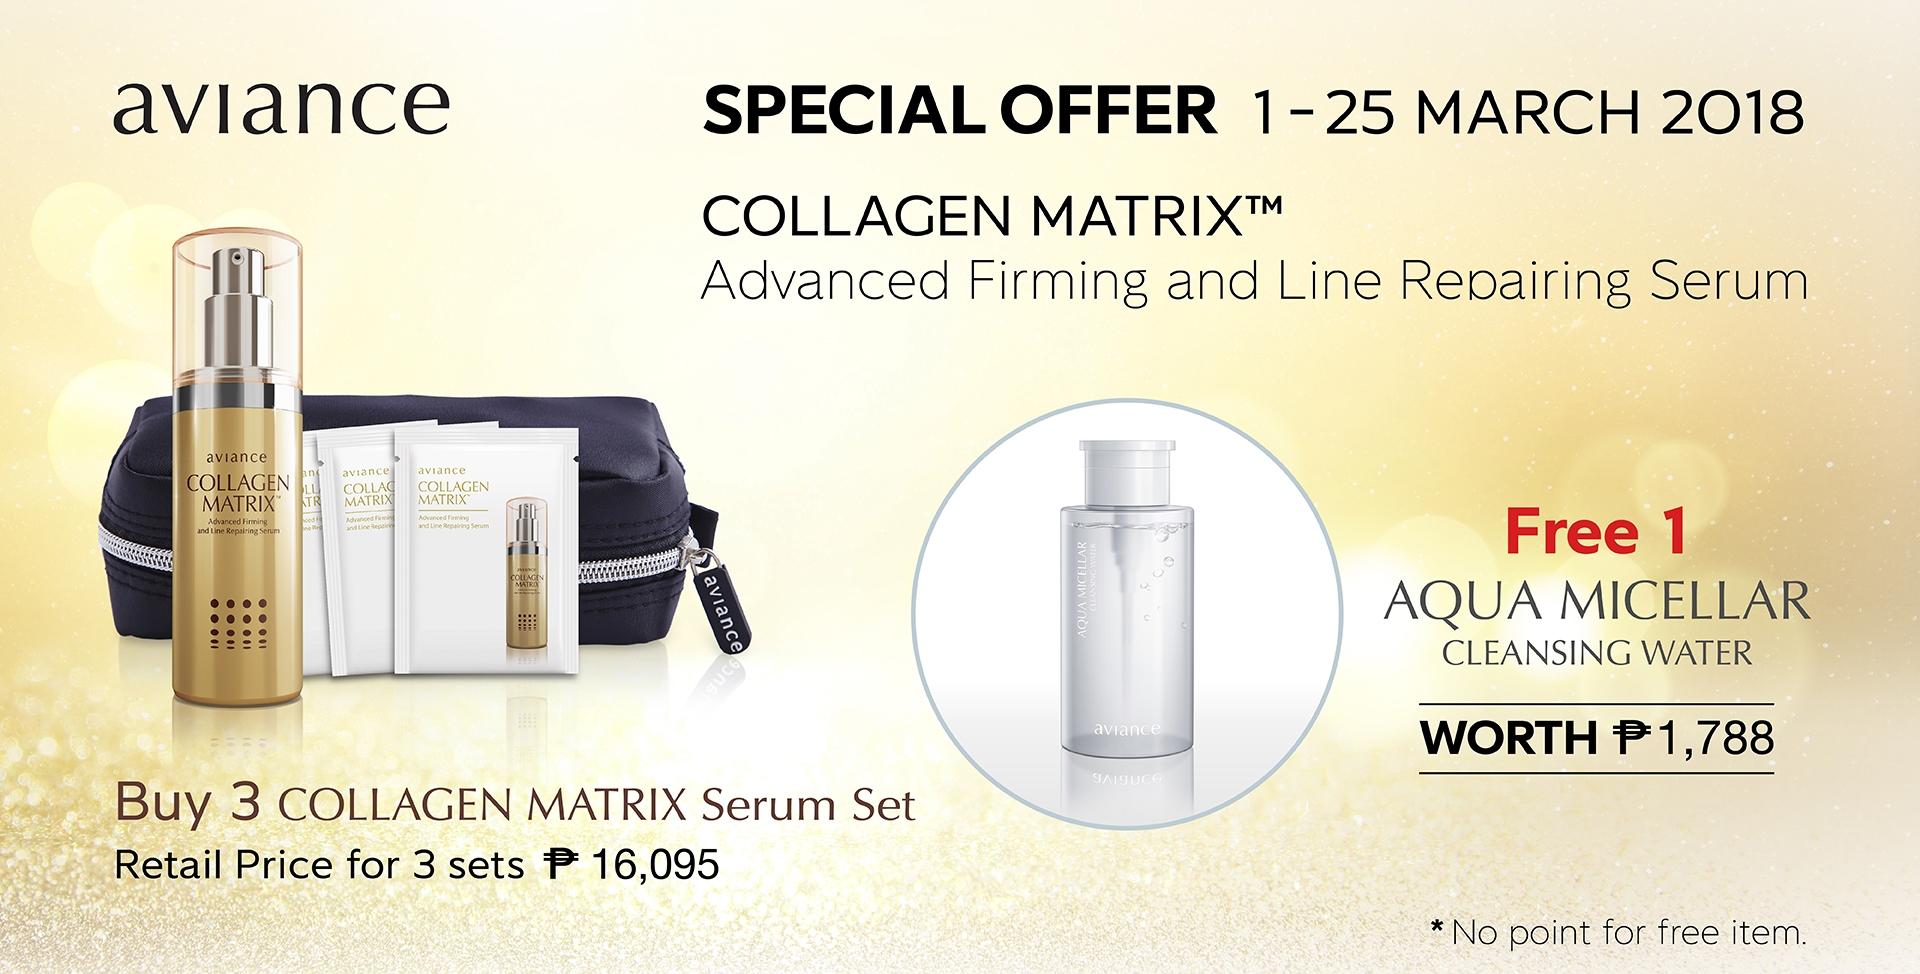 promotion-aviance-collagen-matrix-serum-set